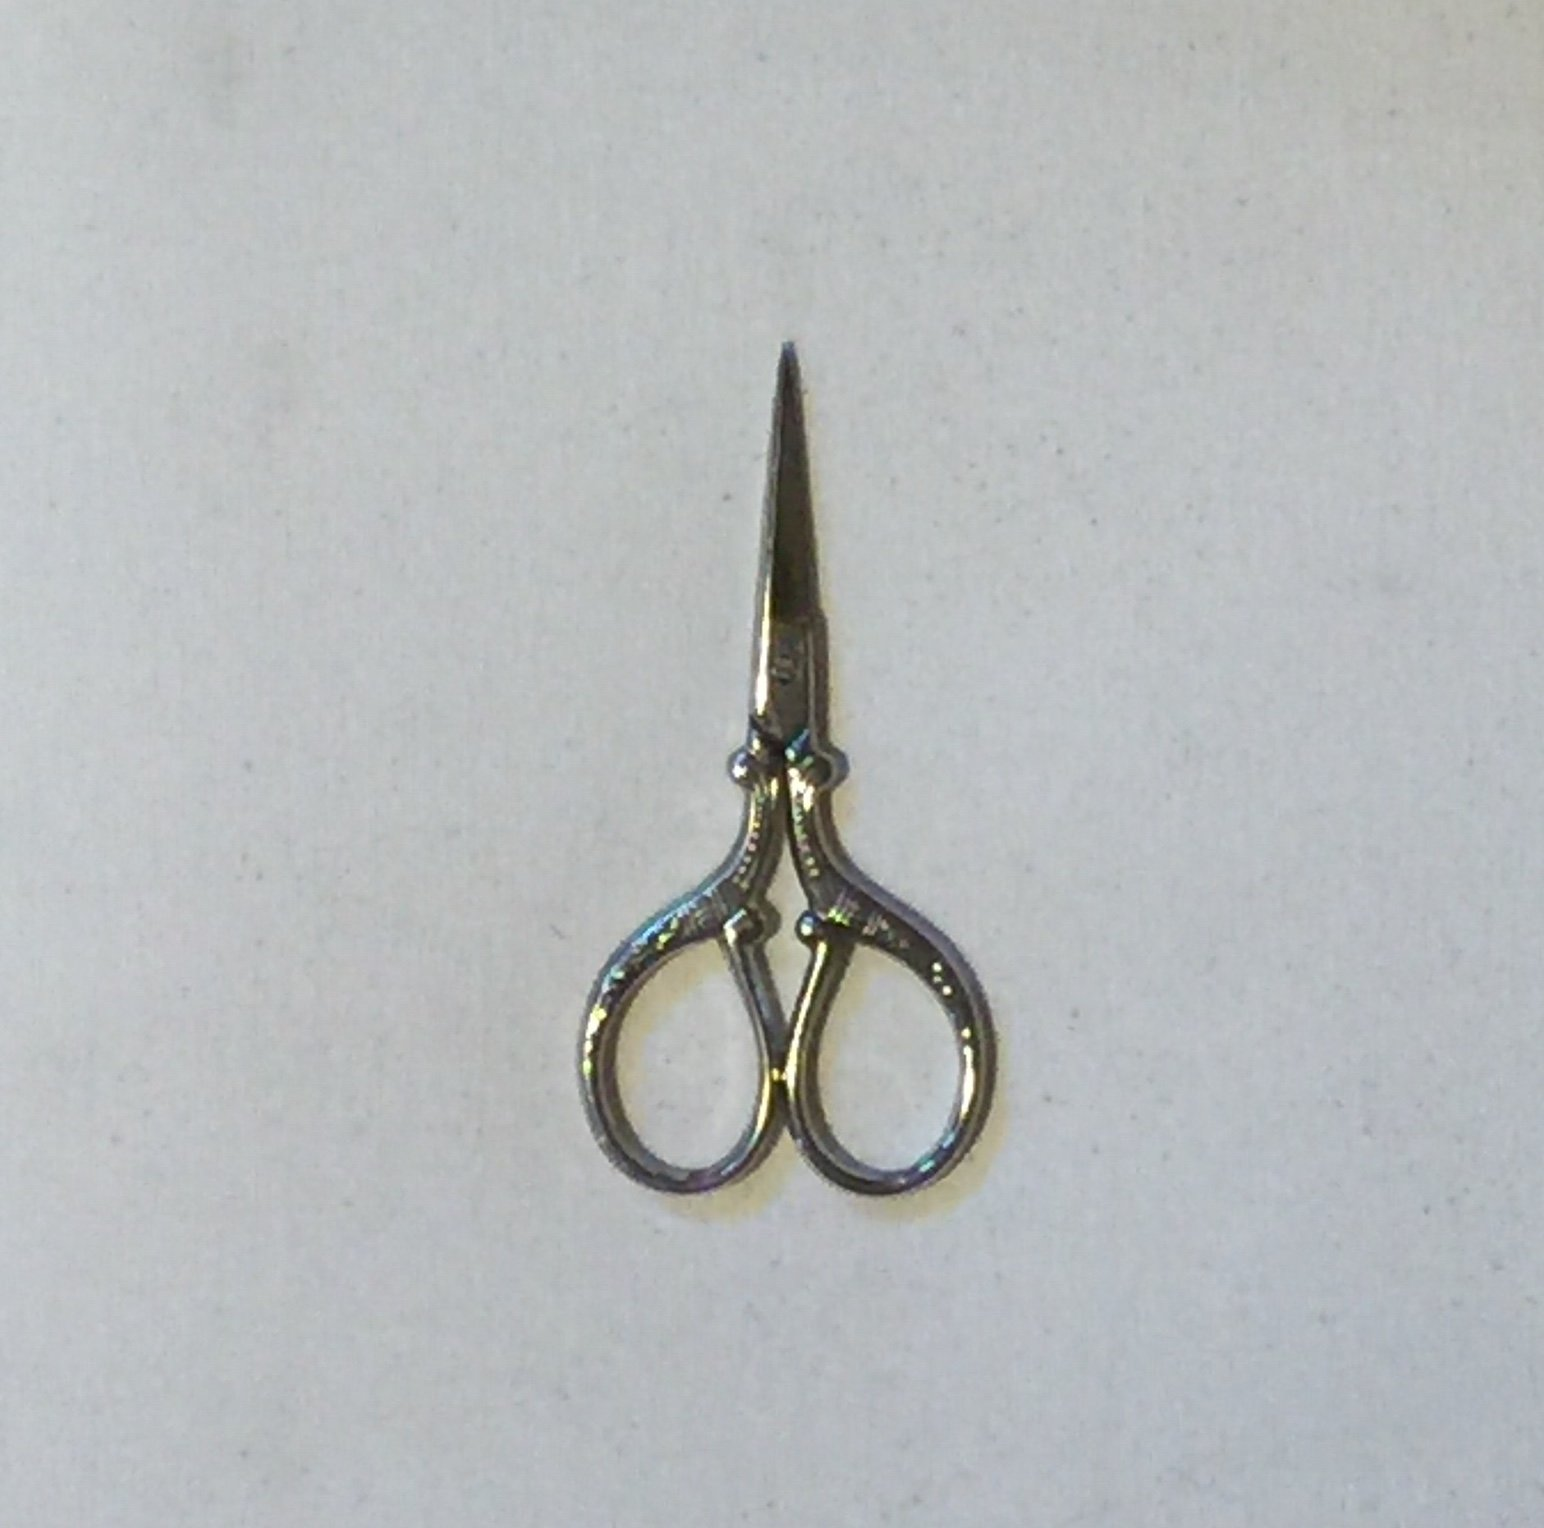 Premium Embroidery Scissor